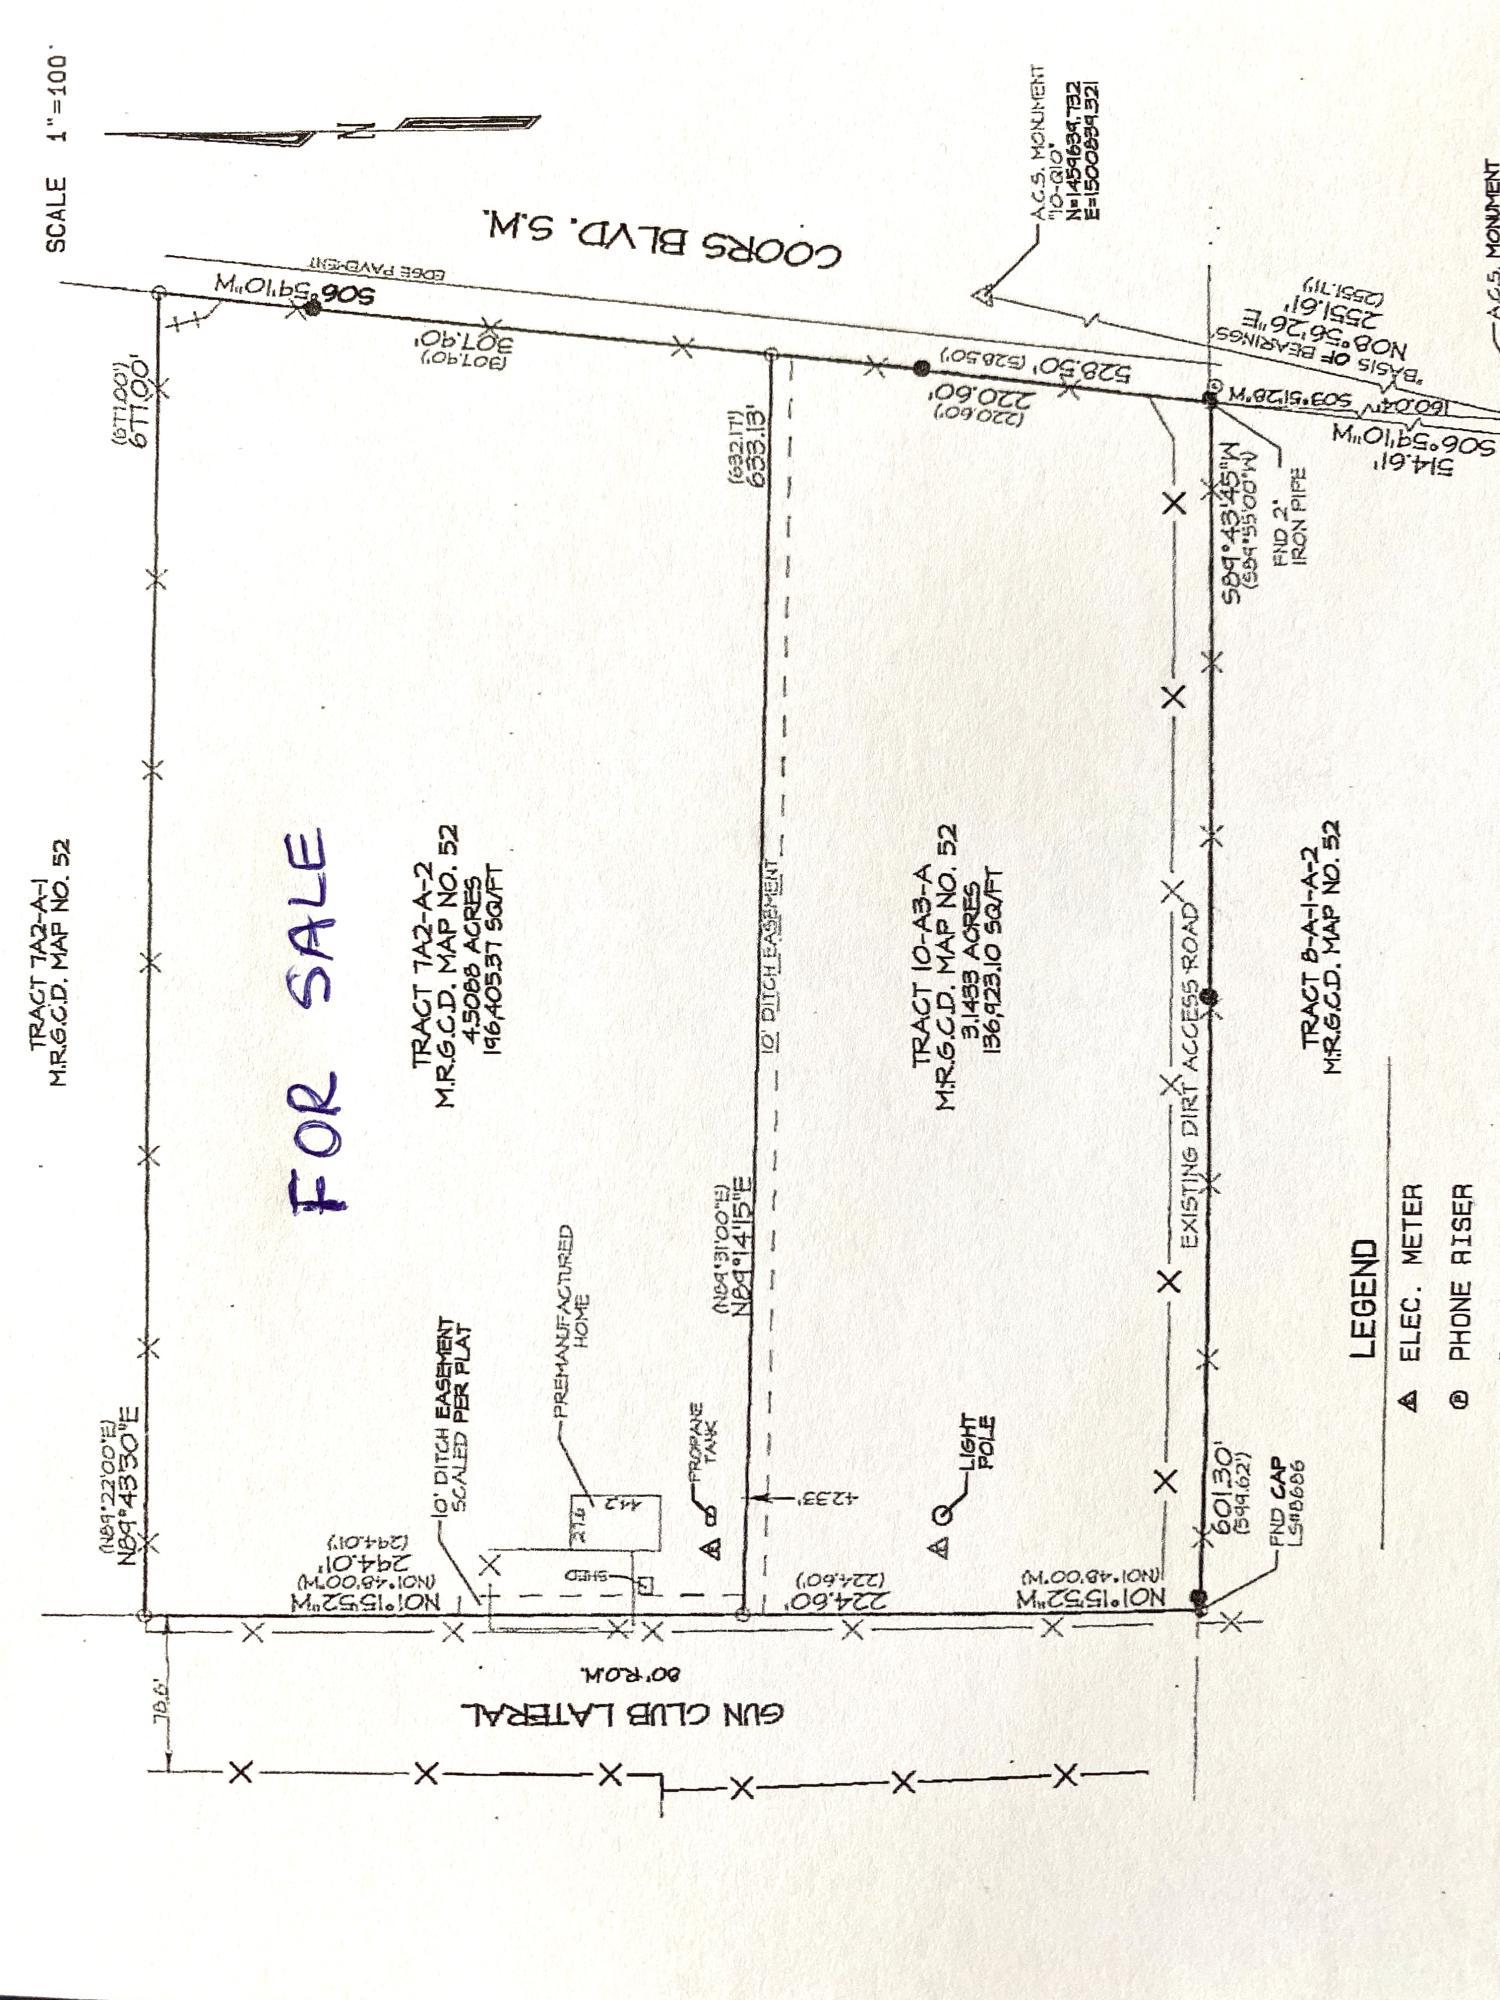 5025 COORS Boulevard SW, Albuquerque, NM 87121 - Albuquerque, NM real estate listing